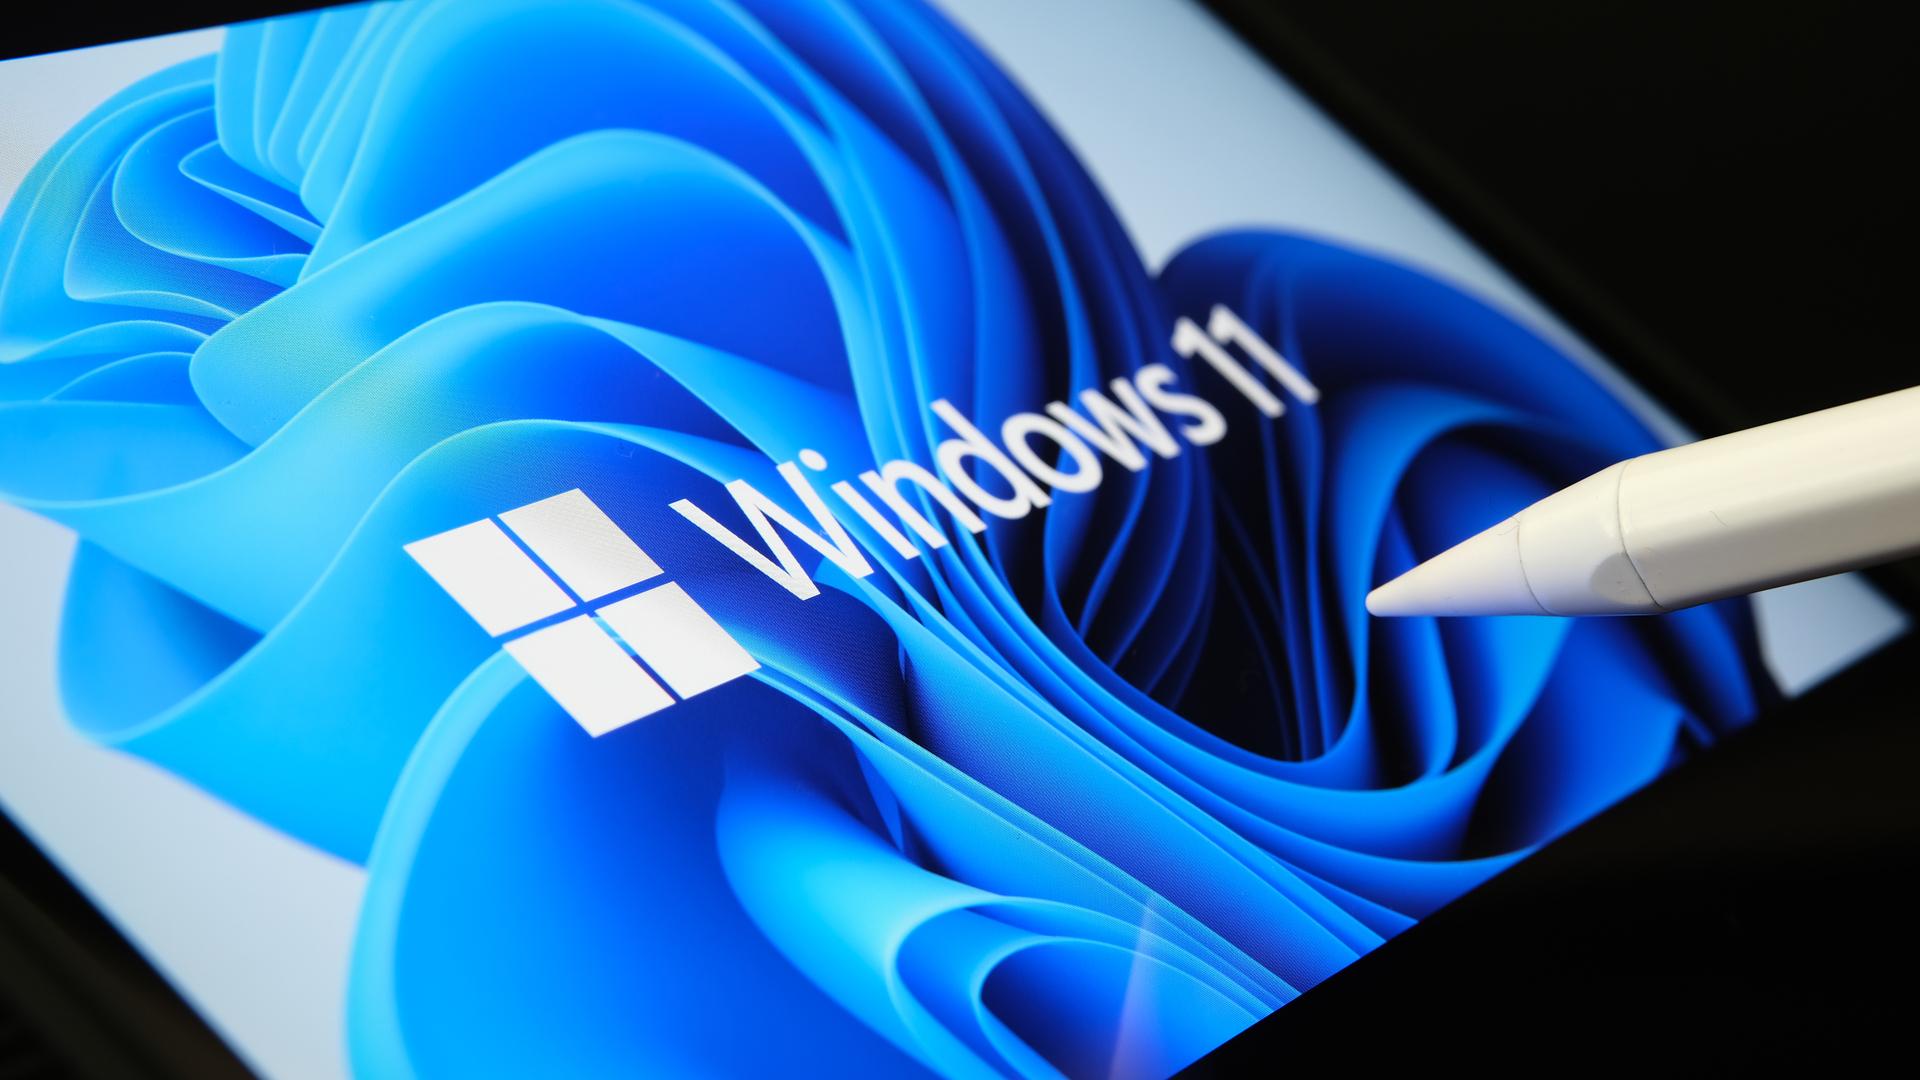 Windows 11: confira as 5 melhores novidades da atualização